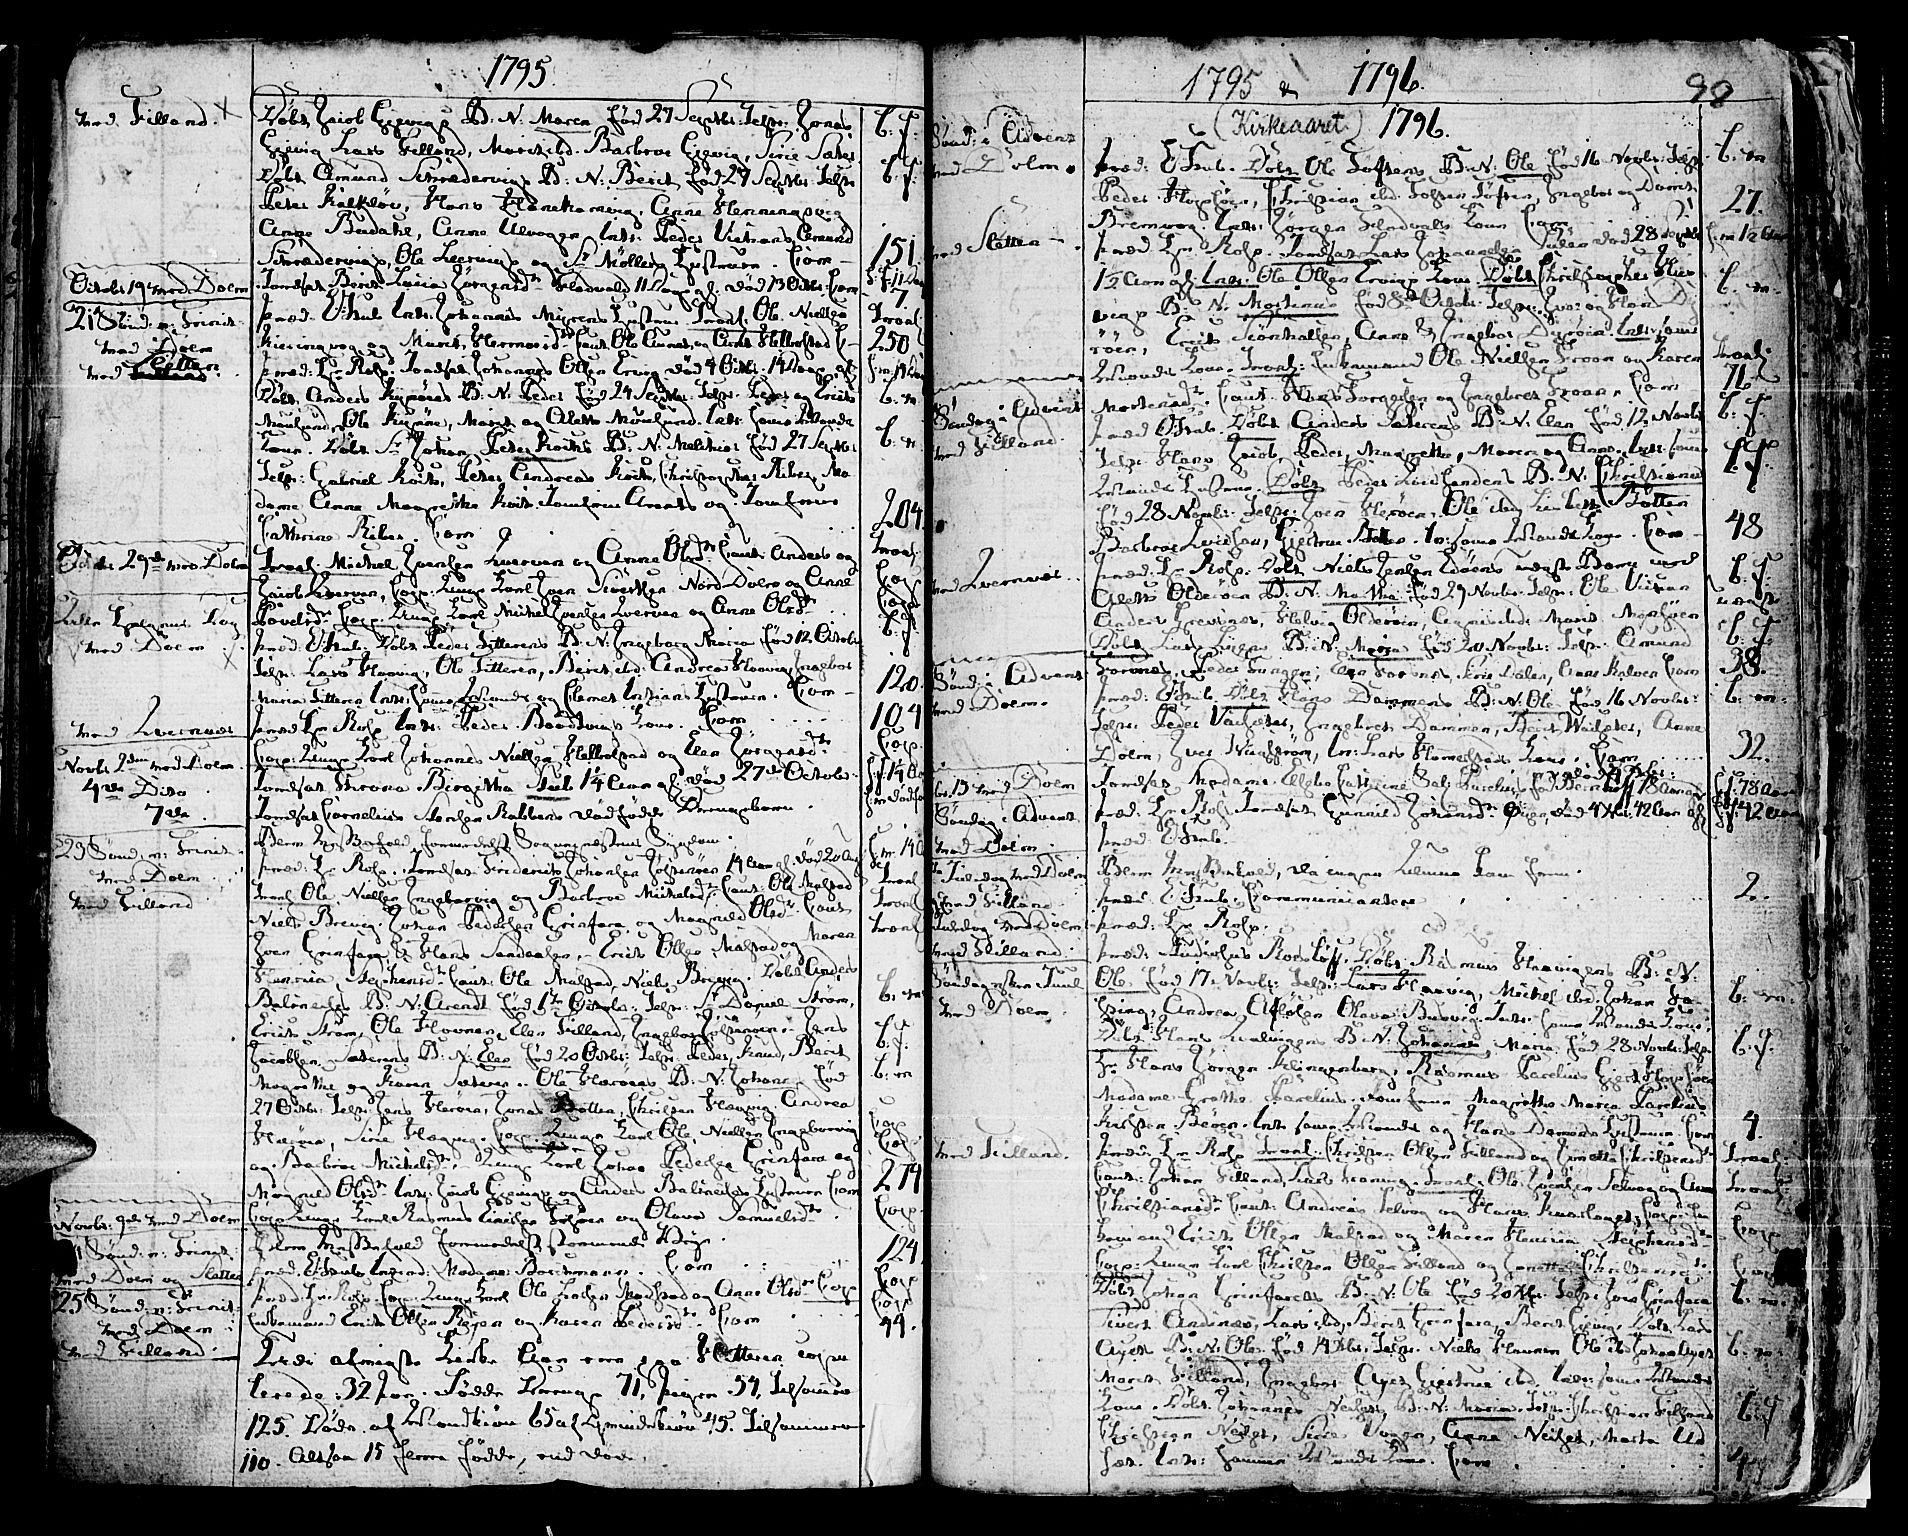 SAT, Ministerialprotokoller, klokkerbøker og fødselsregistre - Sør-Trøndelag, 634/L0526: Ministerialbok nr. 634A02, 1775-1818, s. 98